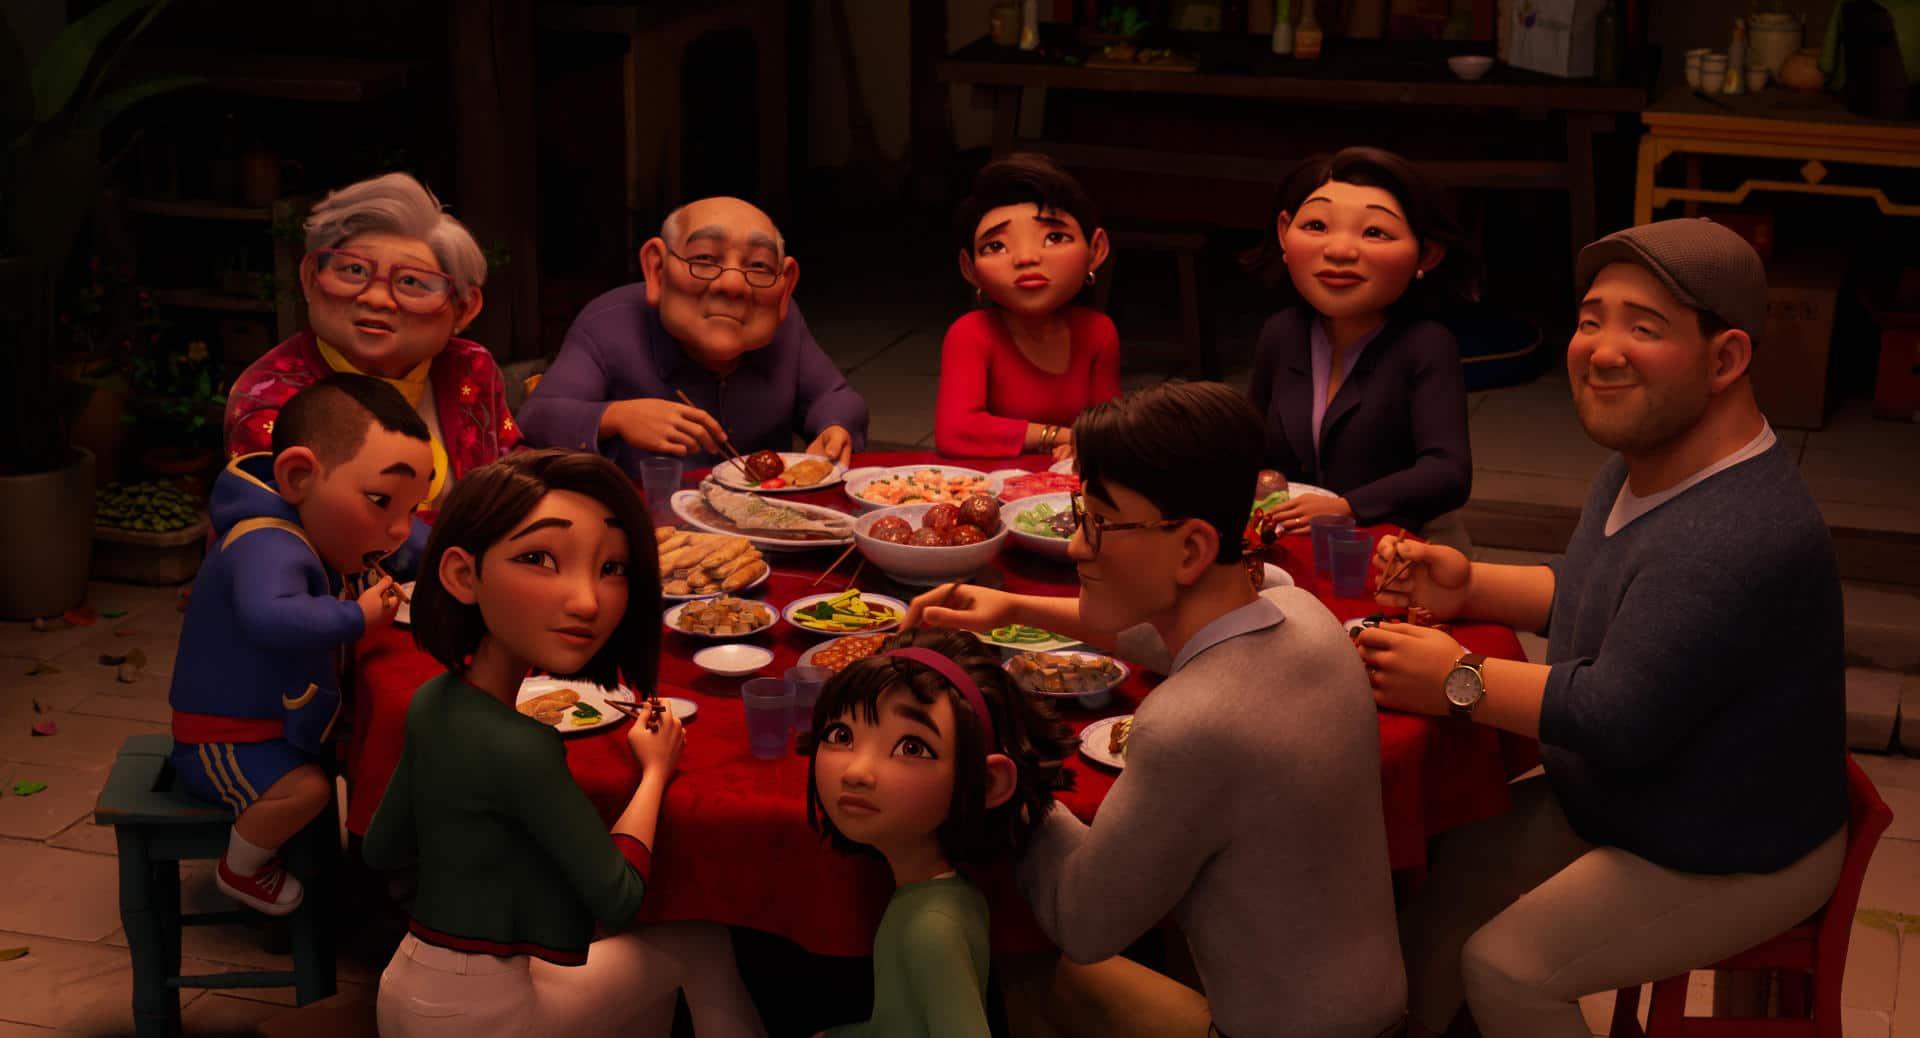 Over the Moon - Il fantastico mondo di Lunaria recensione film d'animazione Netflix